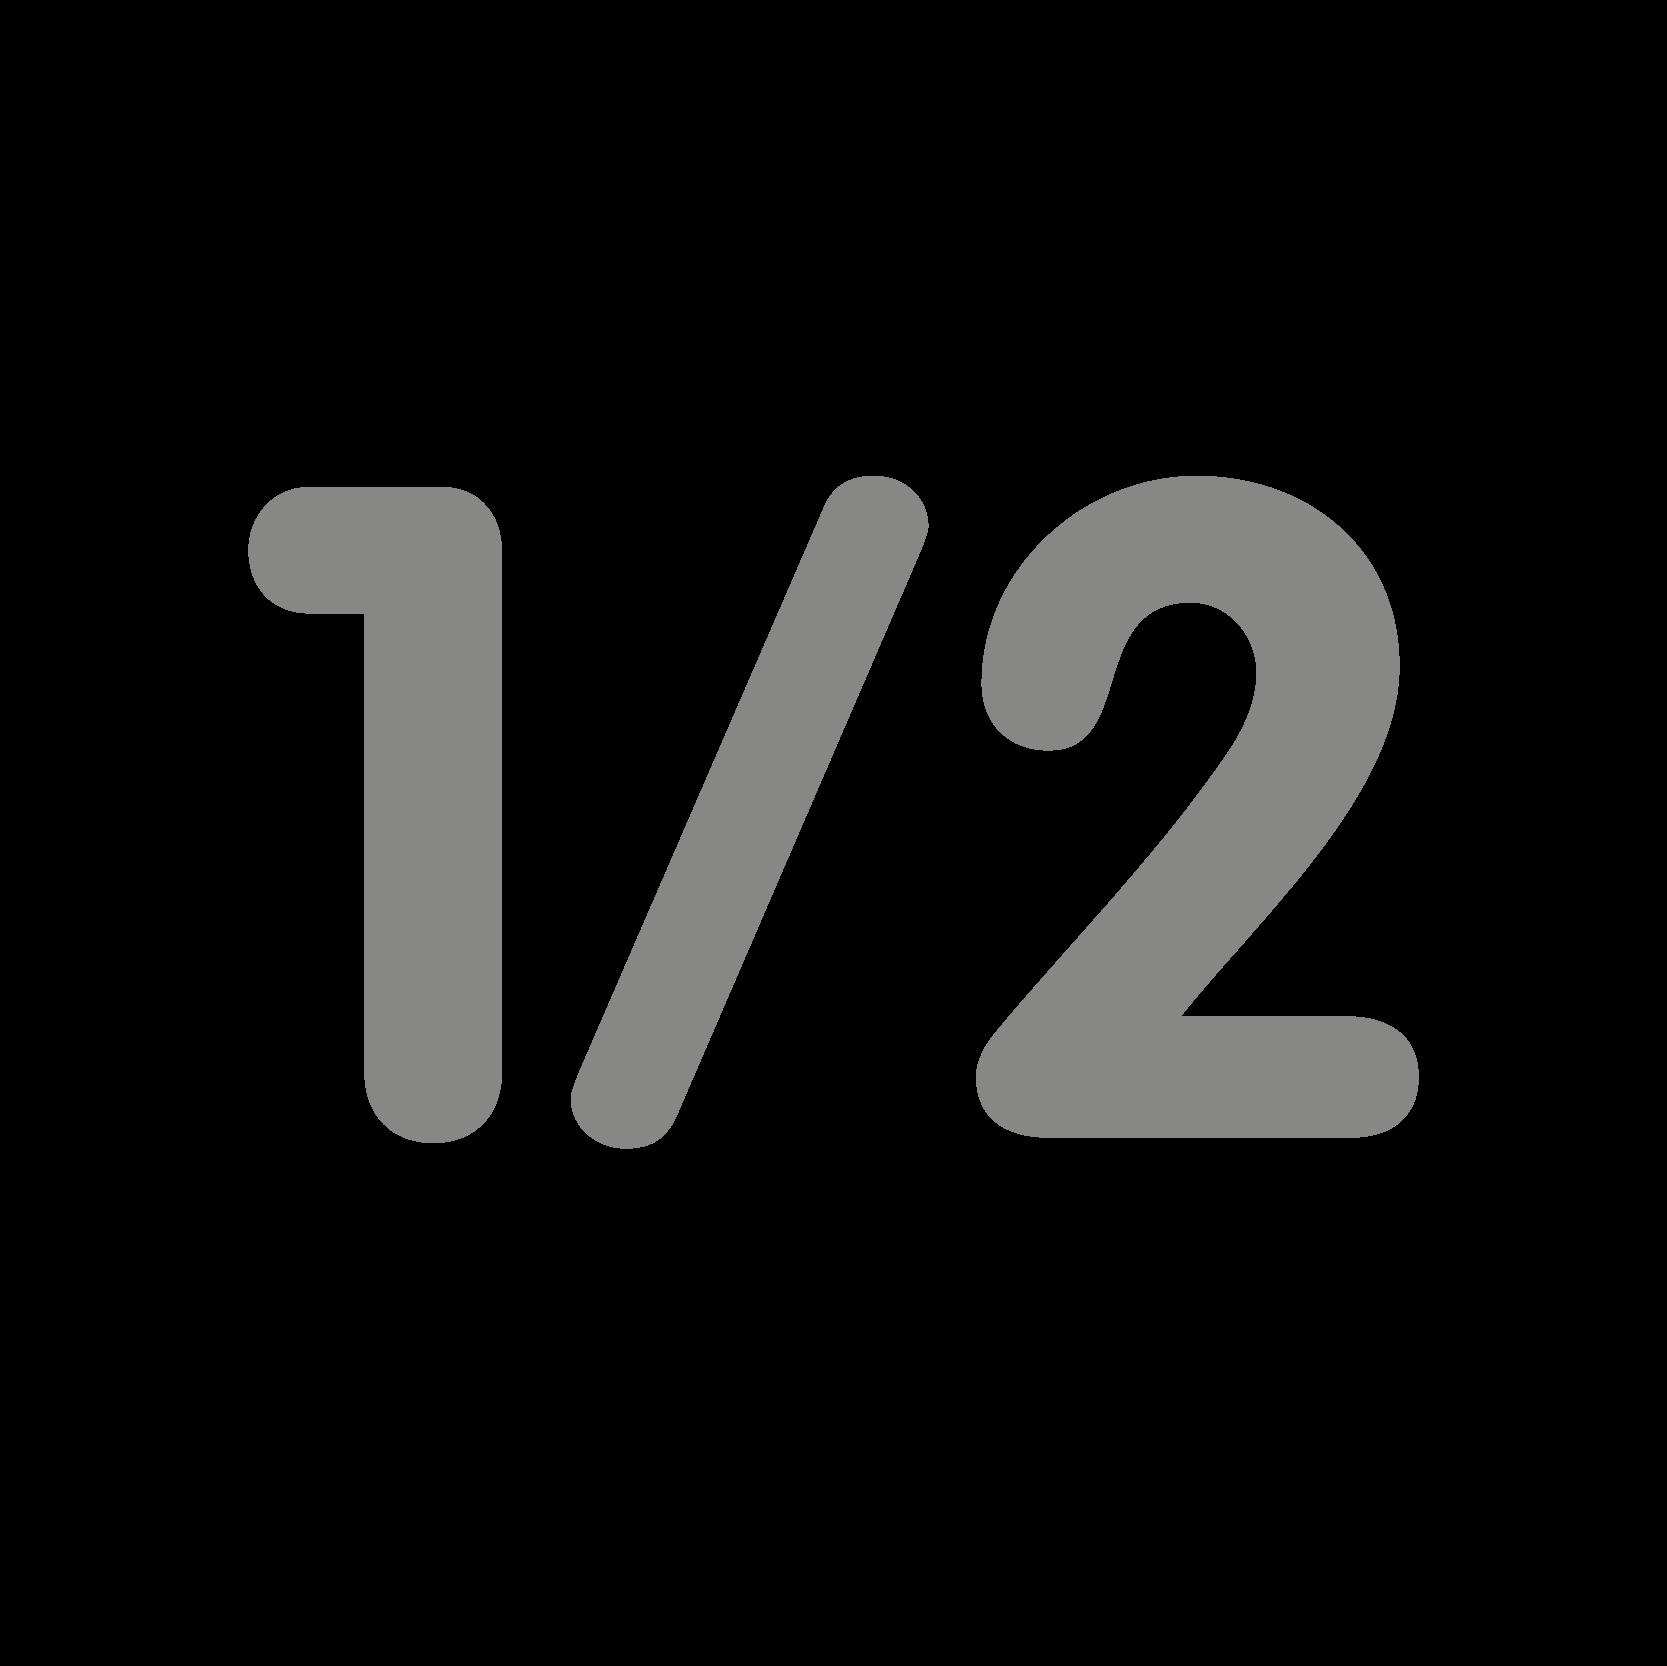 iconModel_29